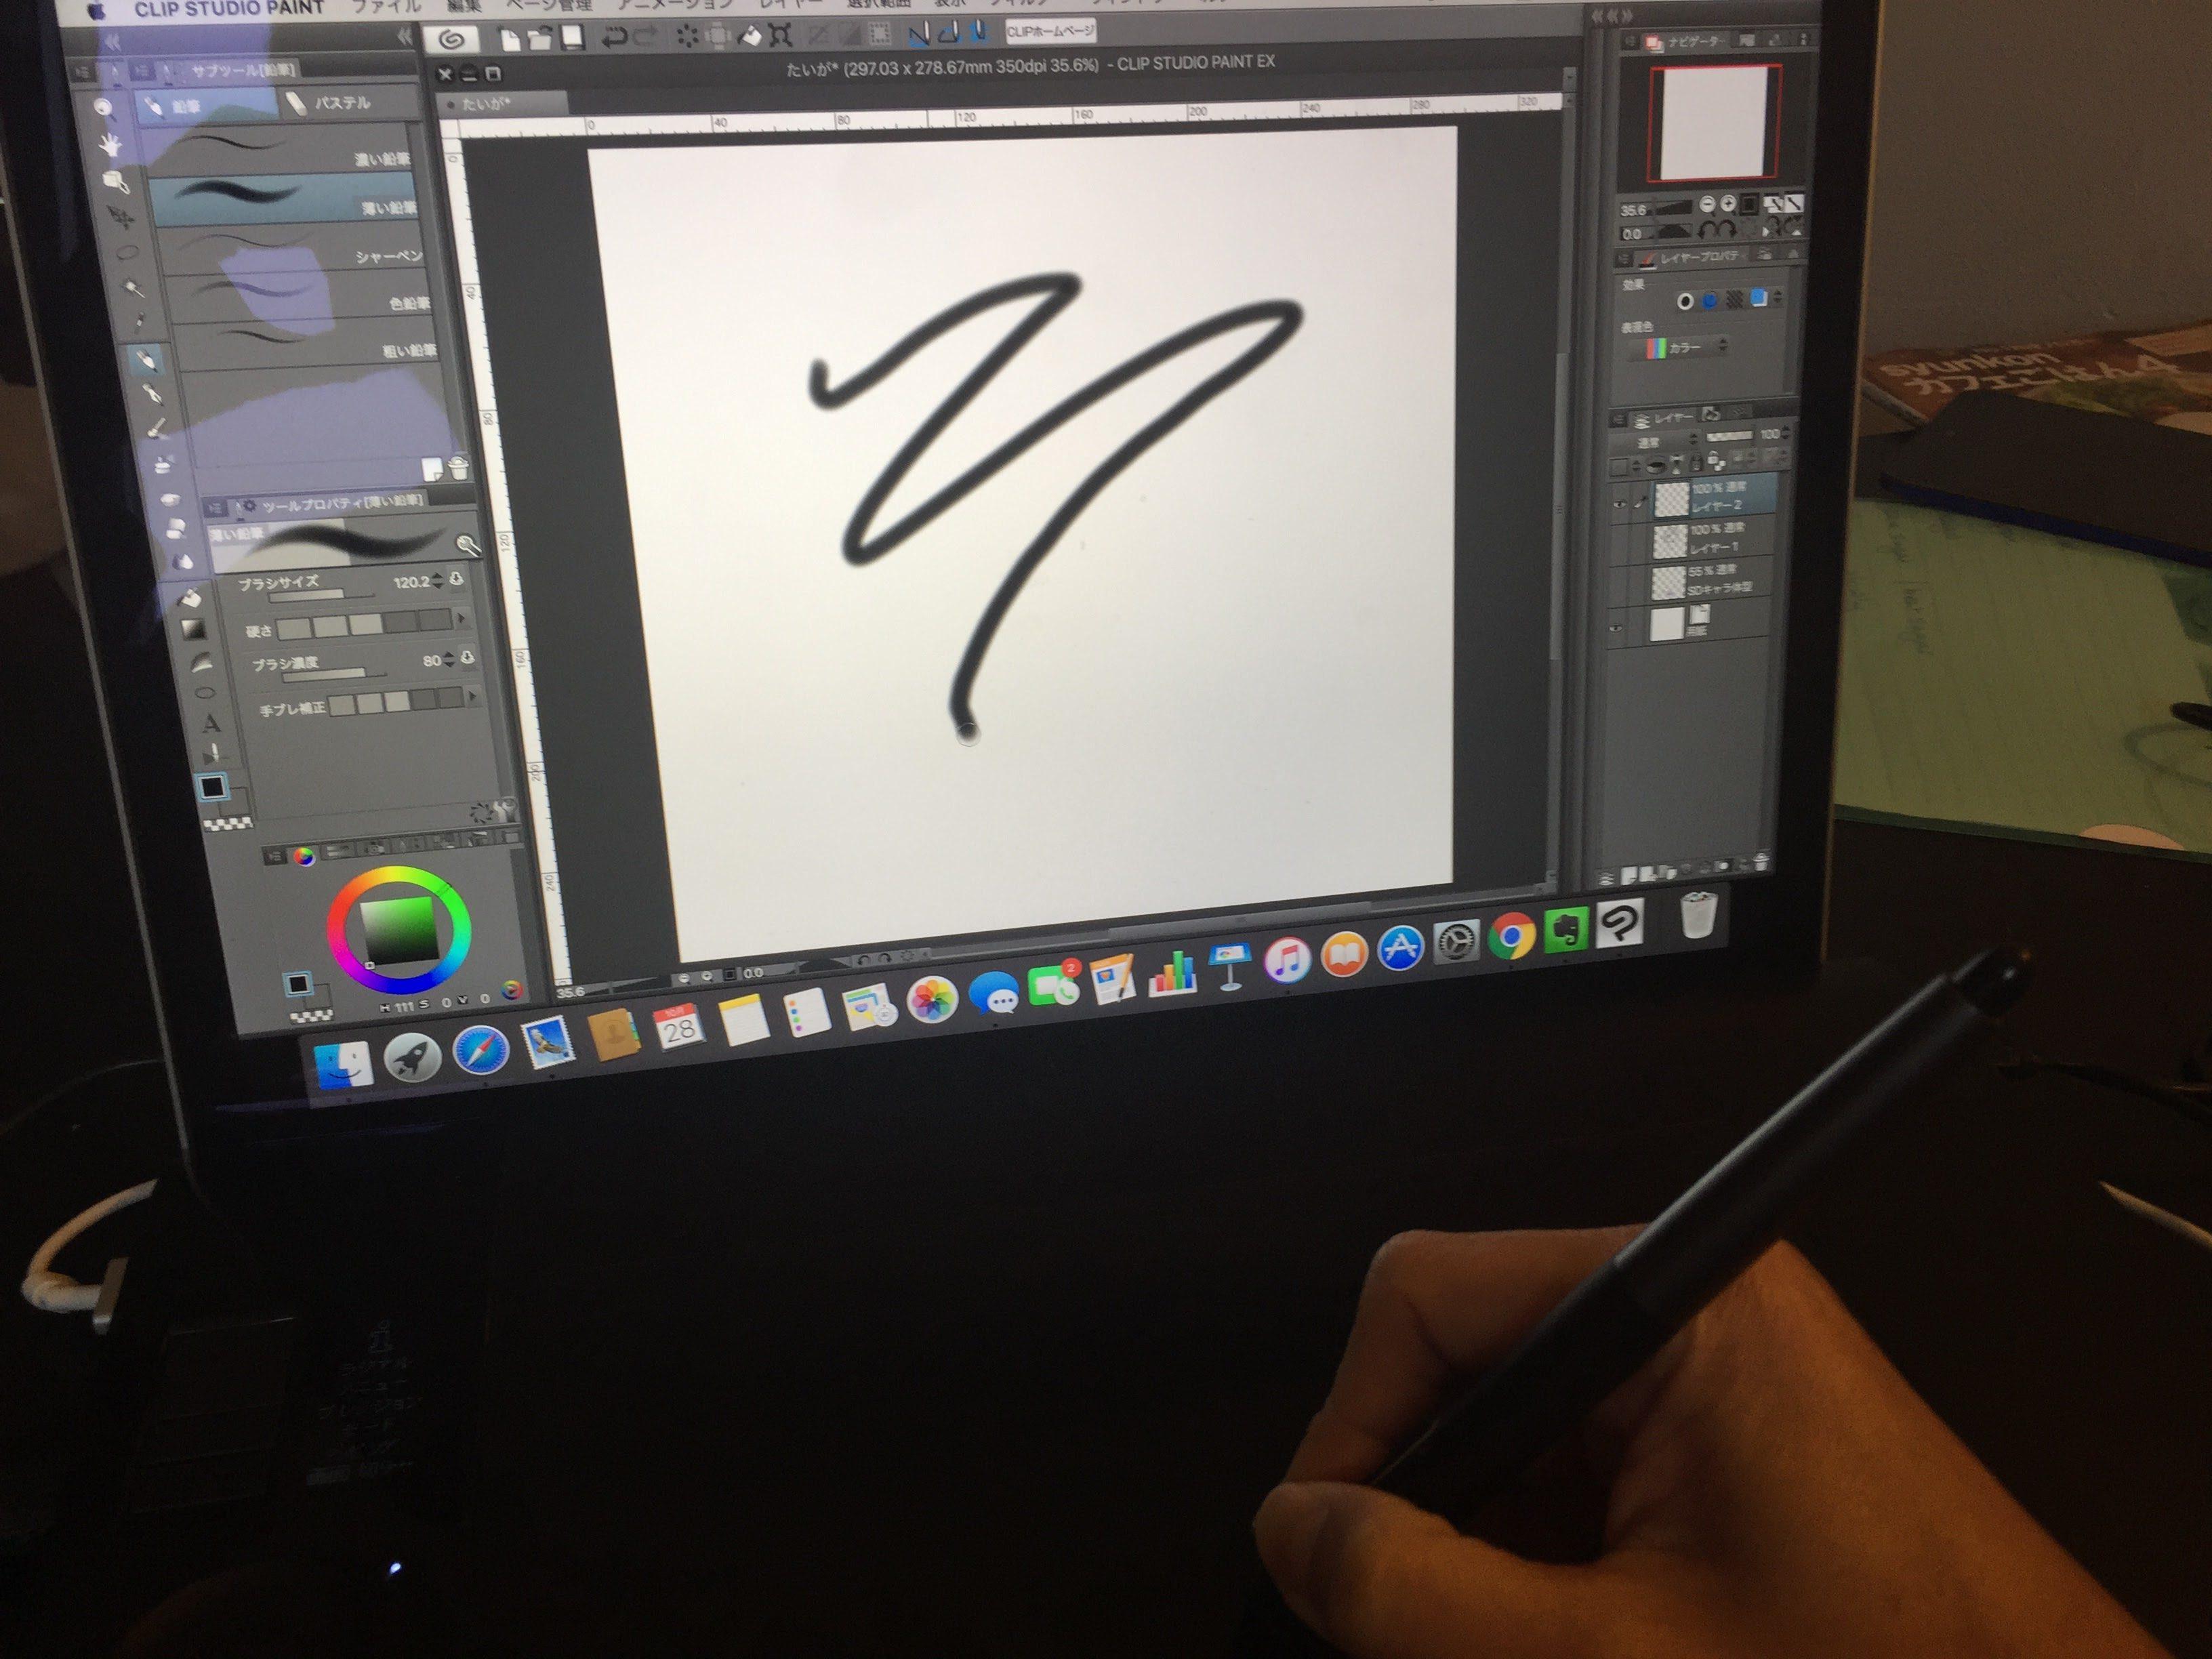 パソコン上に線が描写されます。